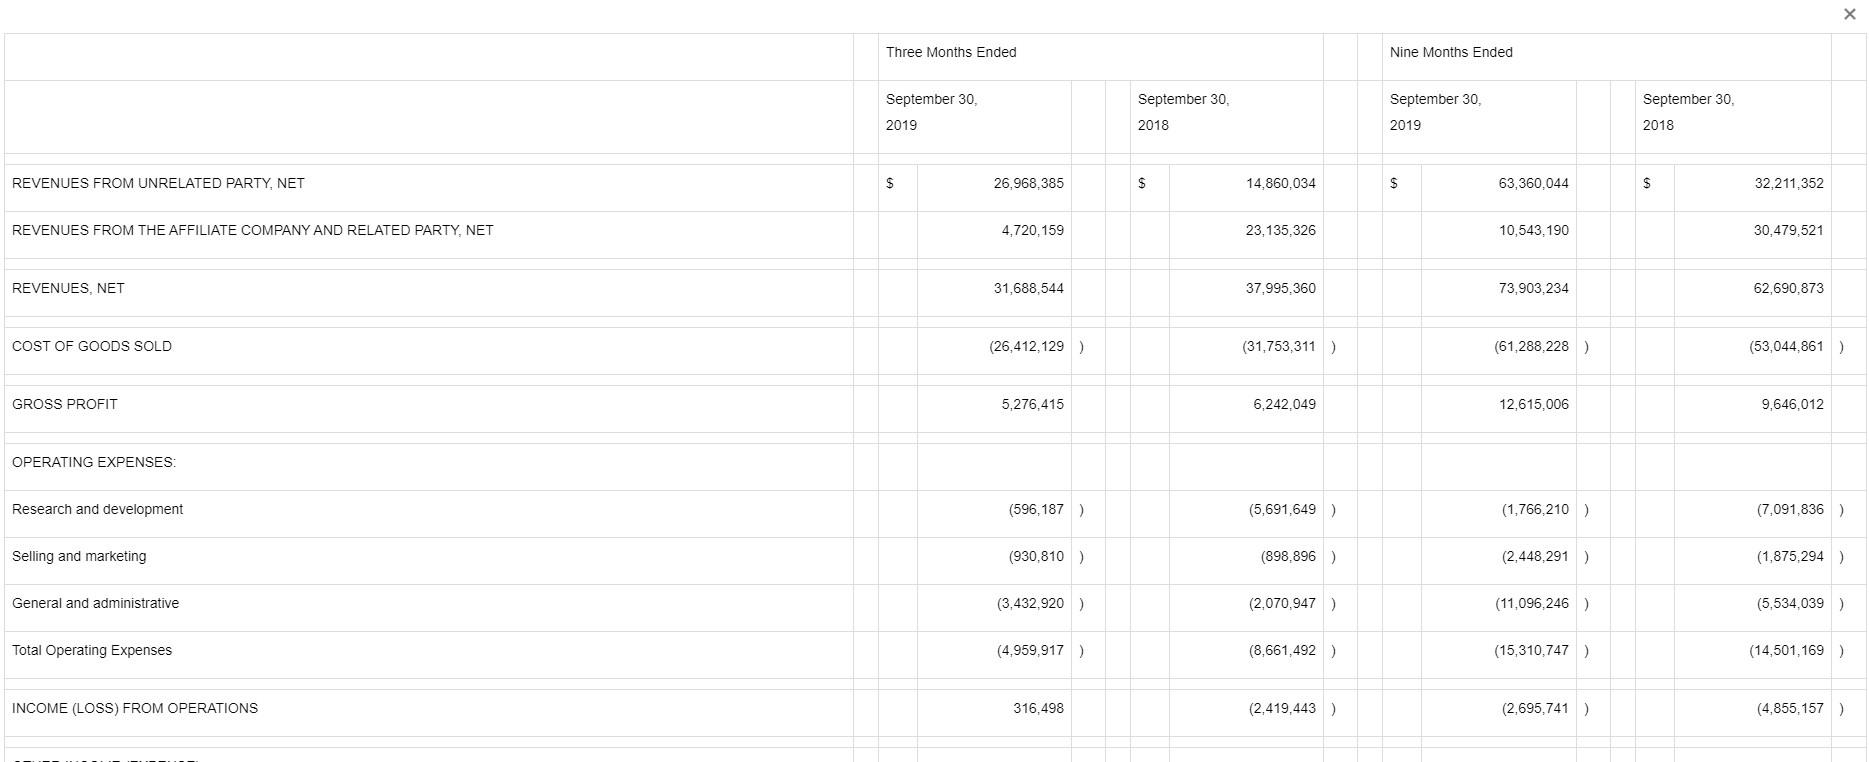 康迪车业(KNDI.US)Q3依靠减少研发费用盈利1210万美元